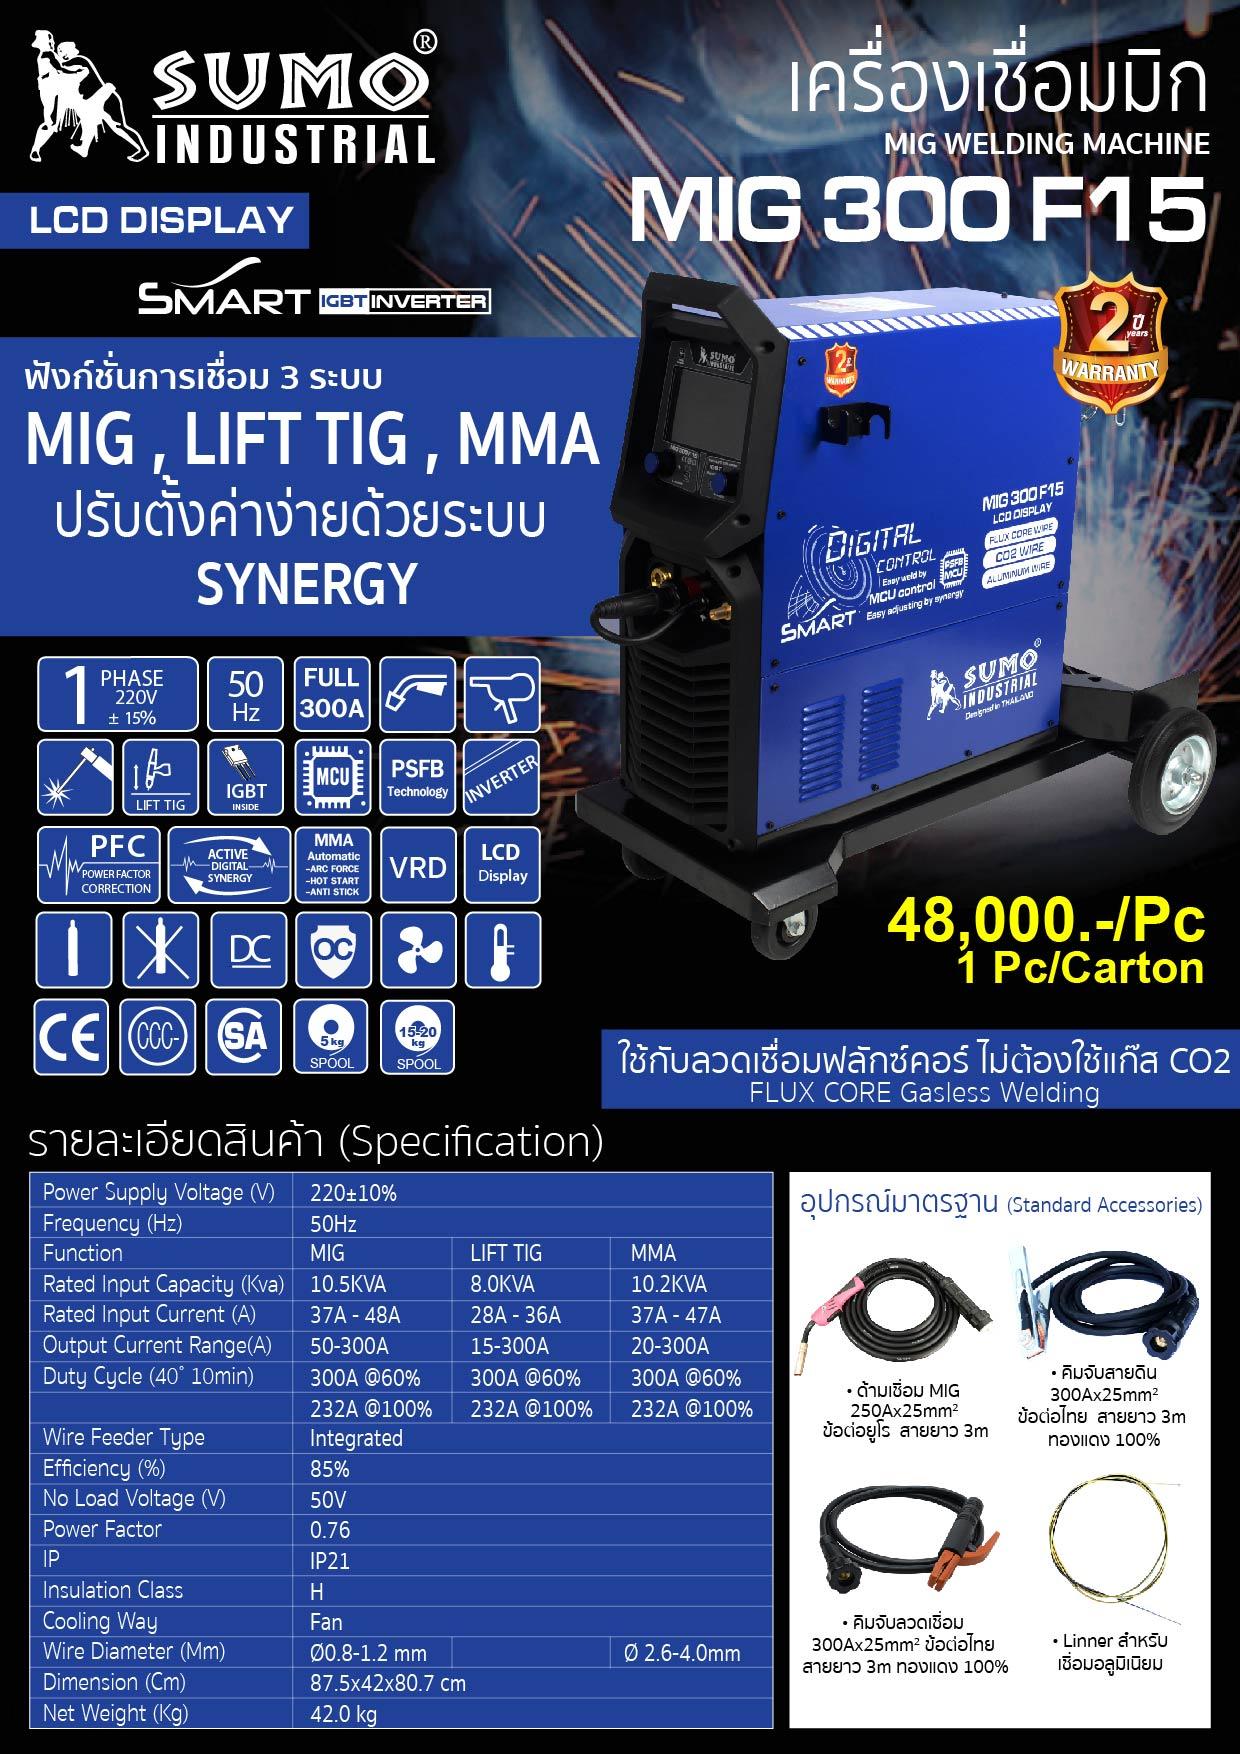 (132/240) เครื่องเชื่อมMig 300 F15